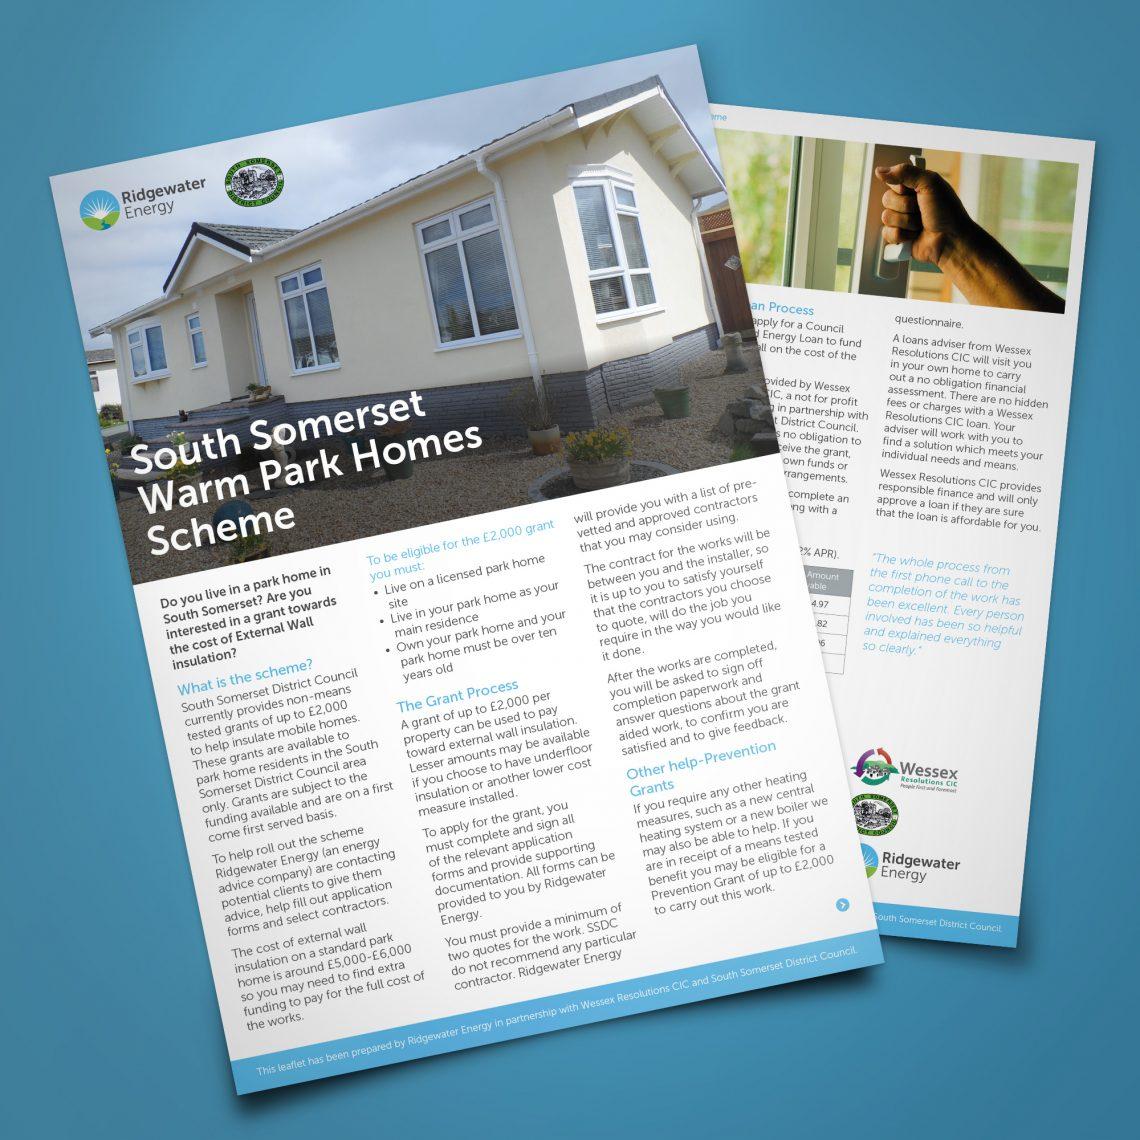 ridgewater energy brochures